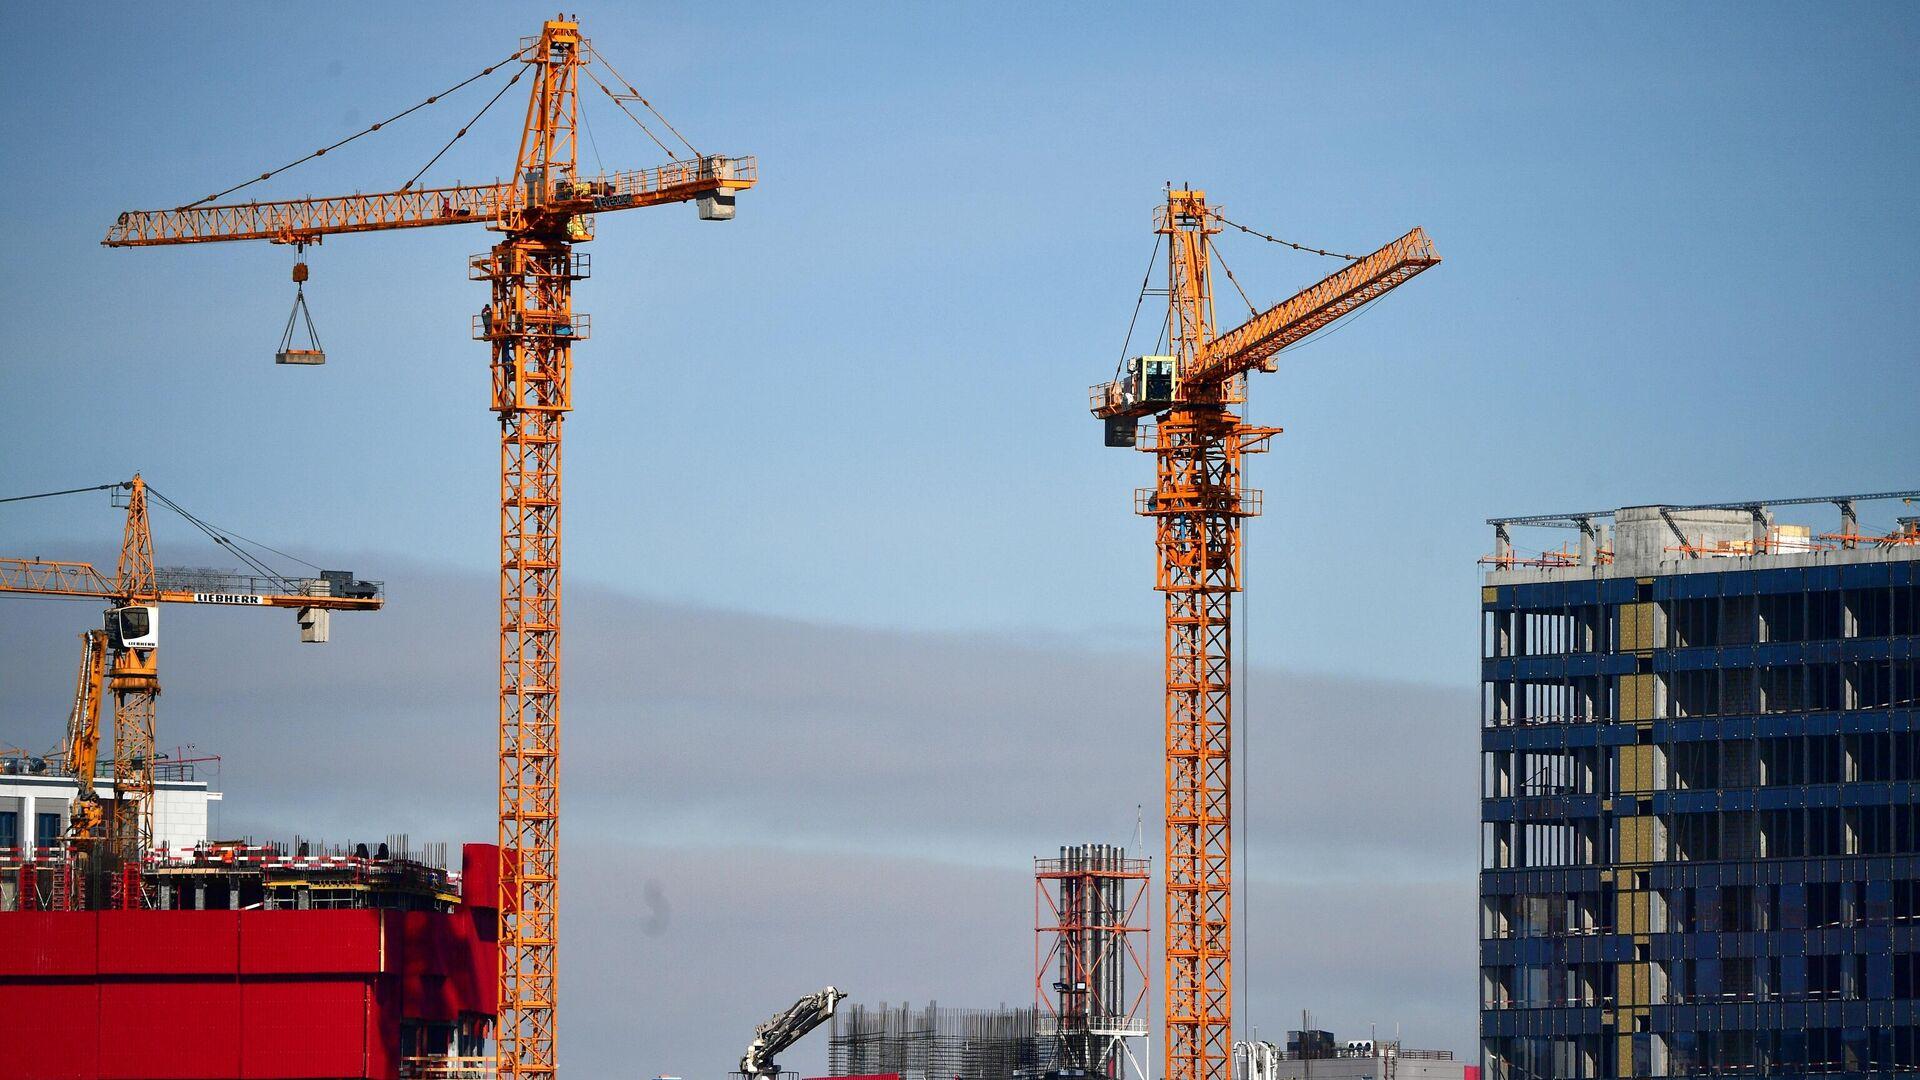 Строительство новых домов в Москве - РИА Новости, 1920, 29.04.2021